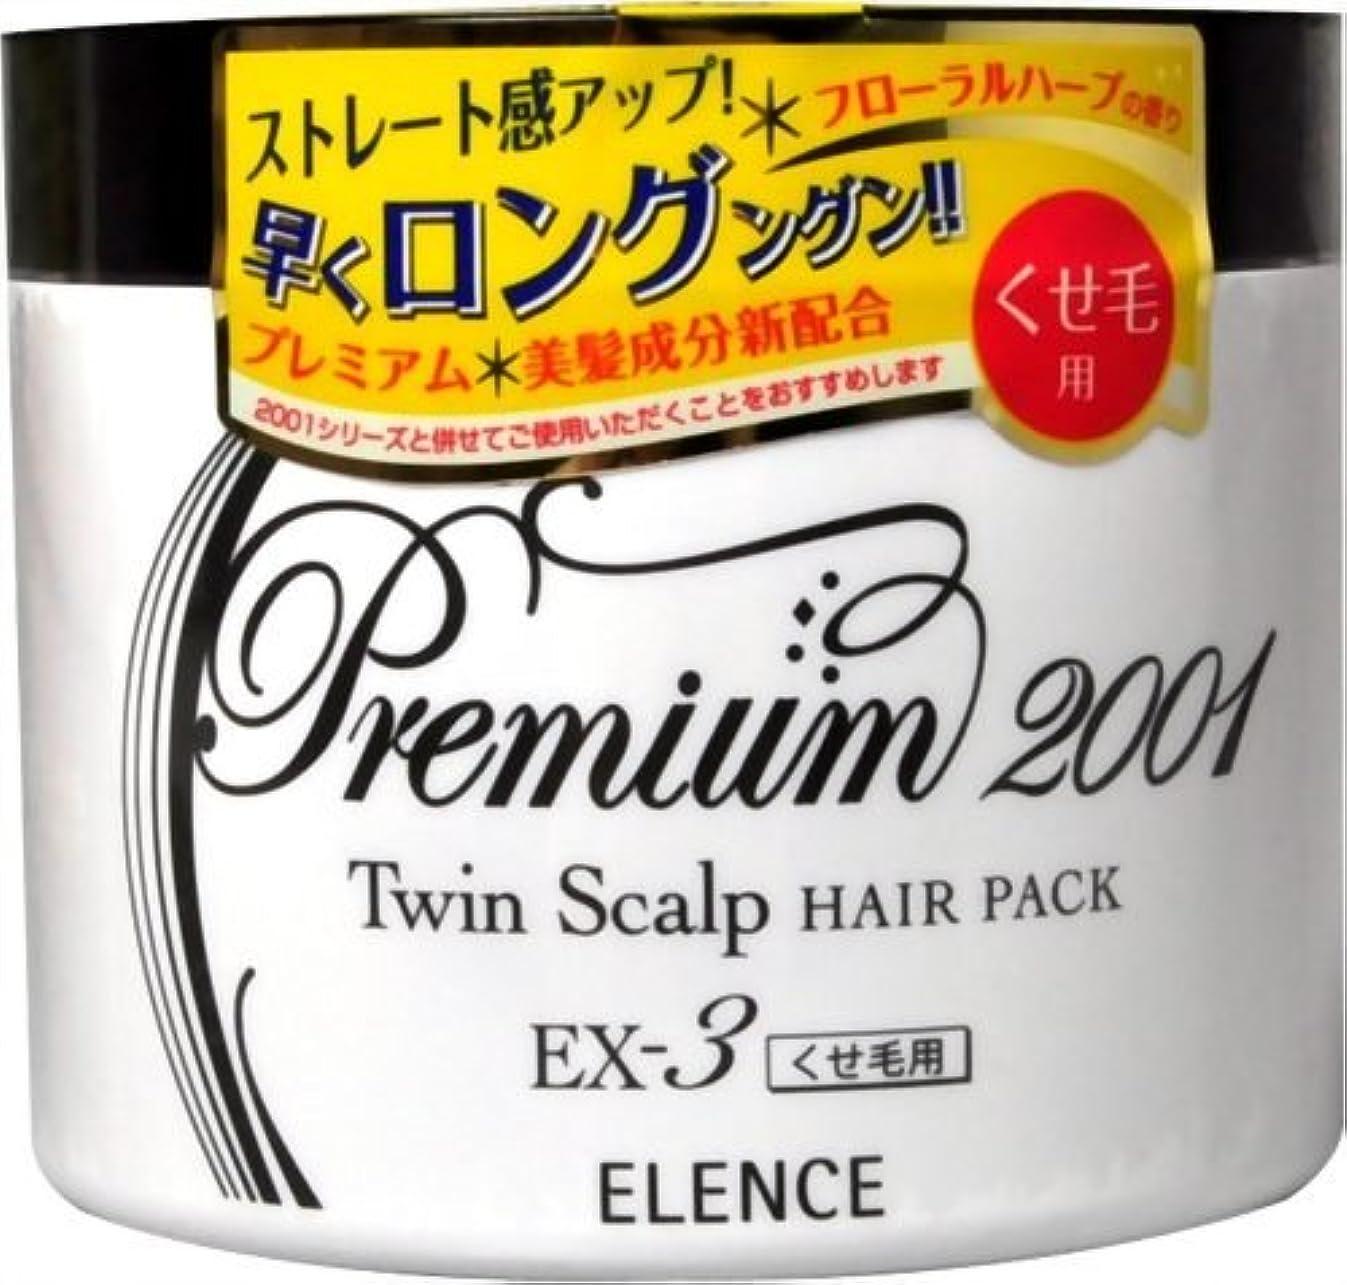 葉っぱ芸術滑るエレンス2001 ツインスキャルプヘアパックEX-3(くせ毛用)